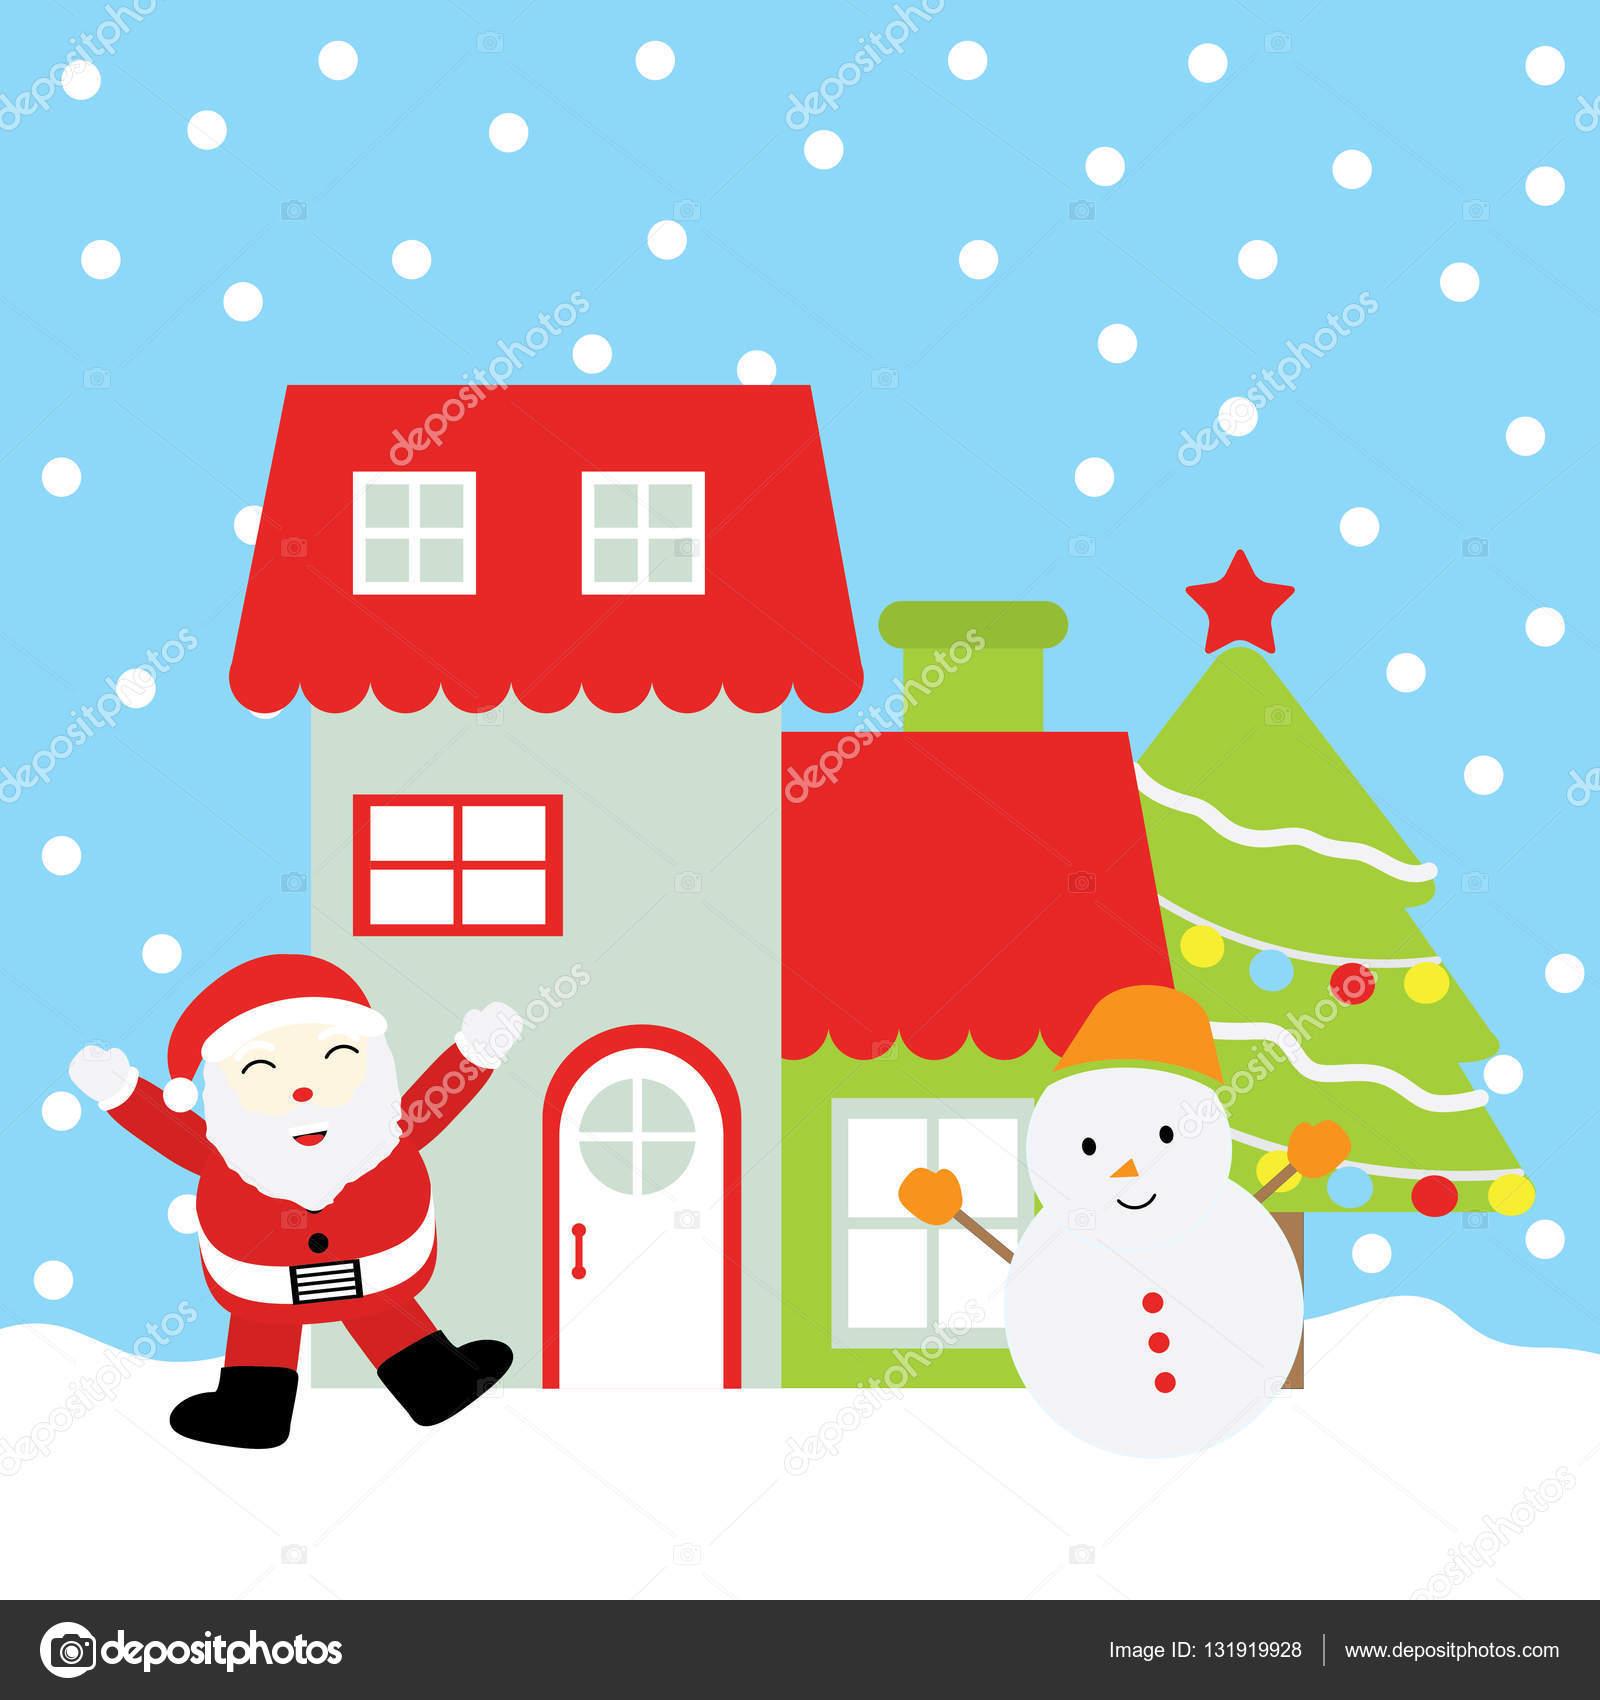 Weihnachten Illustration mit niedlichen Schneemann, Weihnachtsmann ...